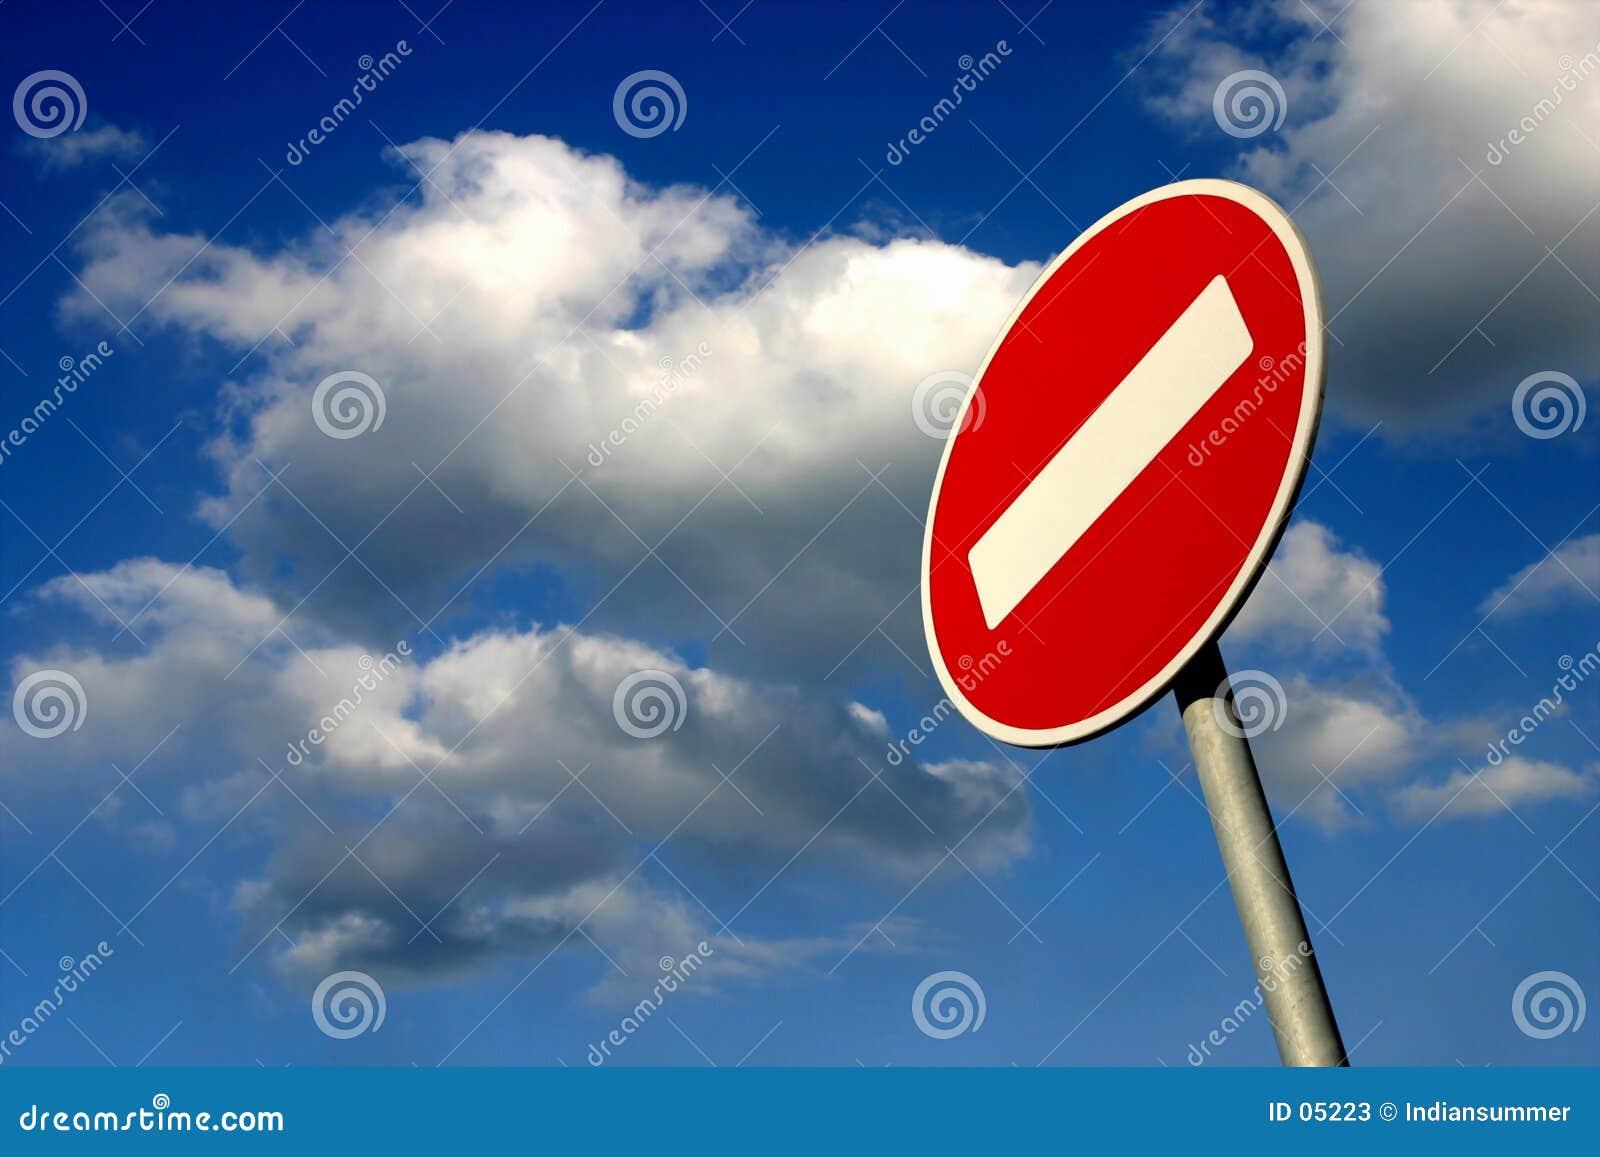 Förbjuden trafik